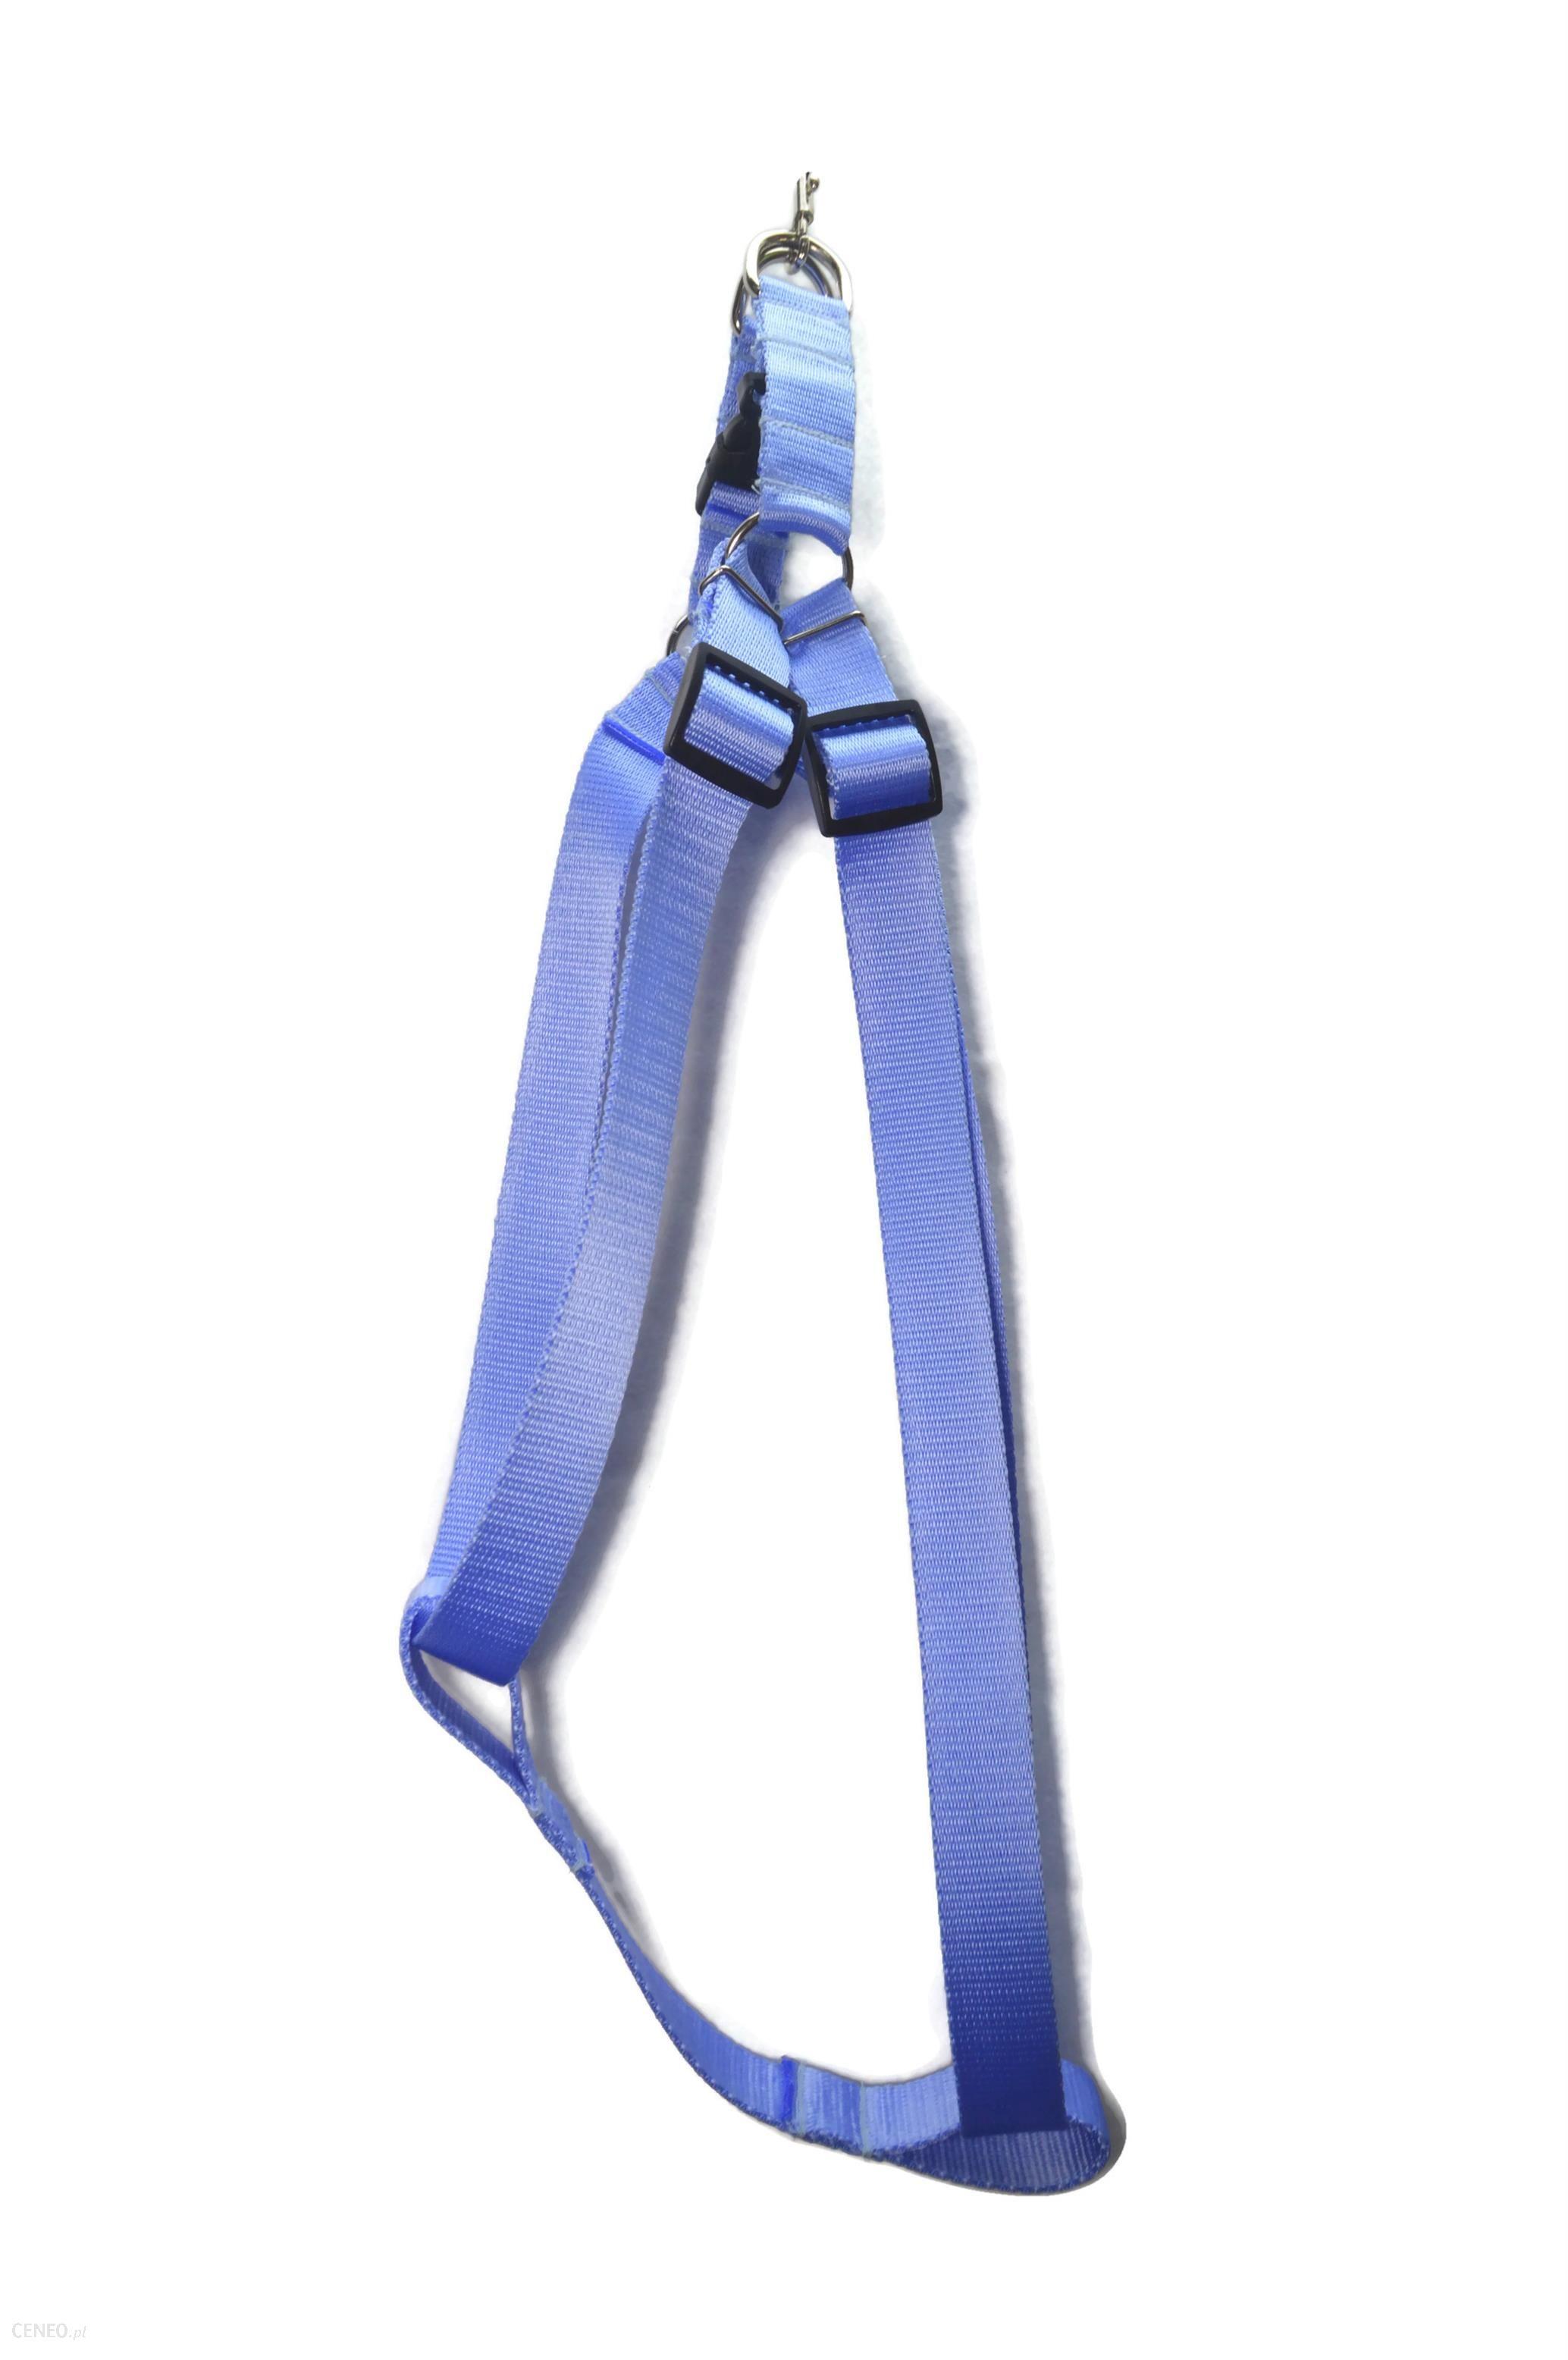 Alizoo Dla Dużego Psa 30mm Górne Zapięcie Błękitny (A053)